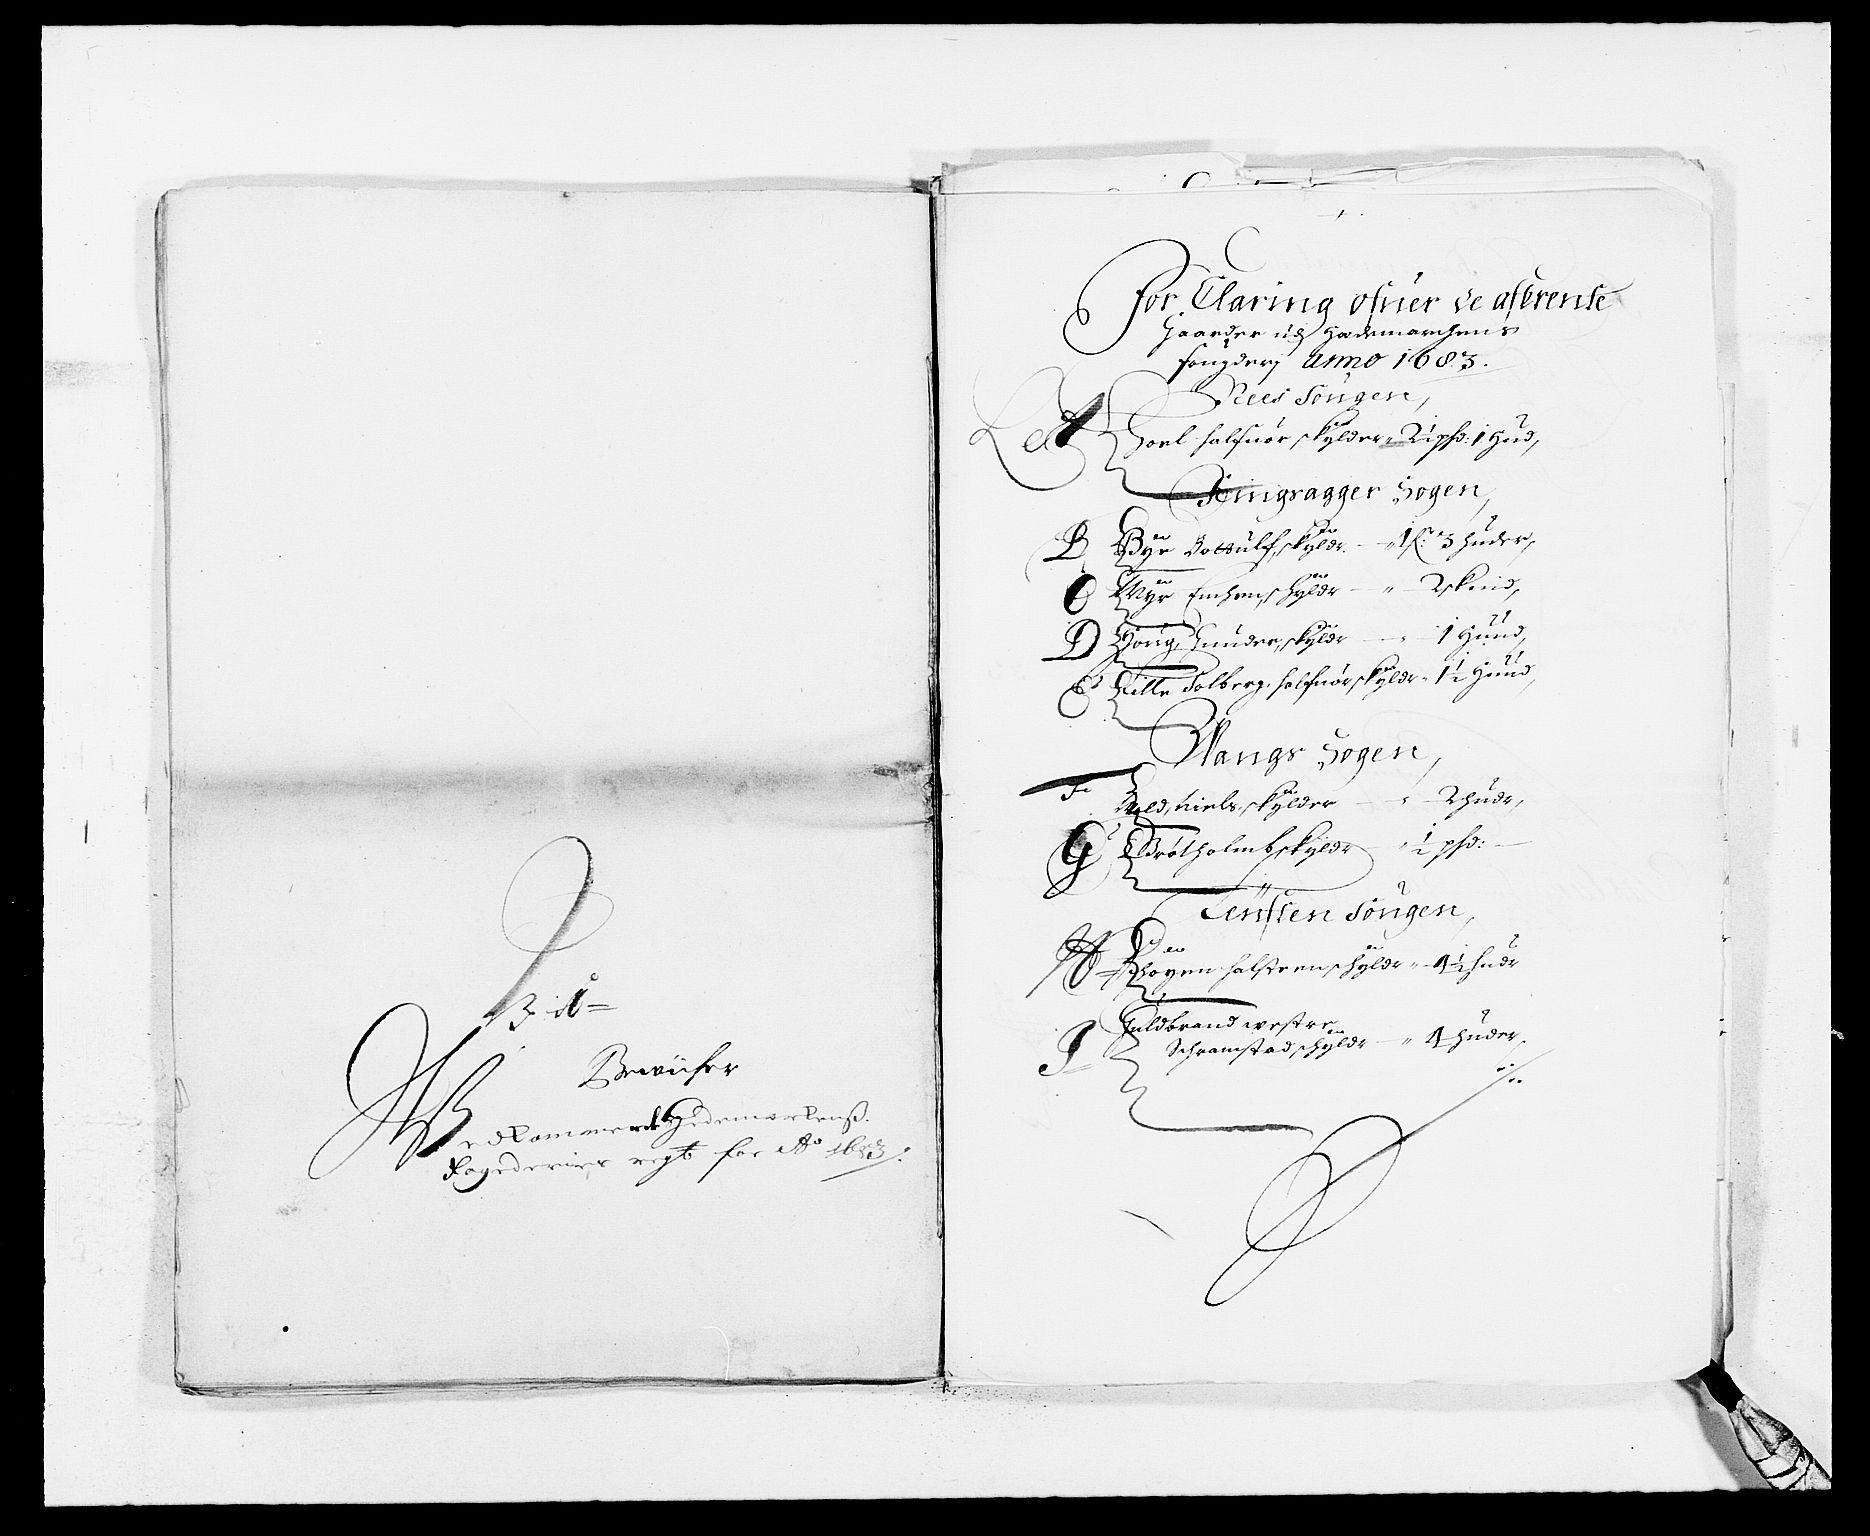 RA, Rentekammeret inntil 1814, Reviderte regnskaper, Fogderegnskap, R16/L1024: Fogderegnskap Hedmark, 1683, s. 280